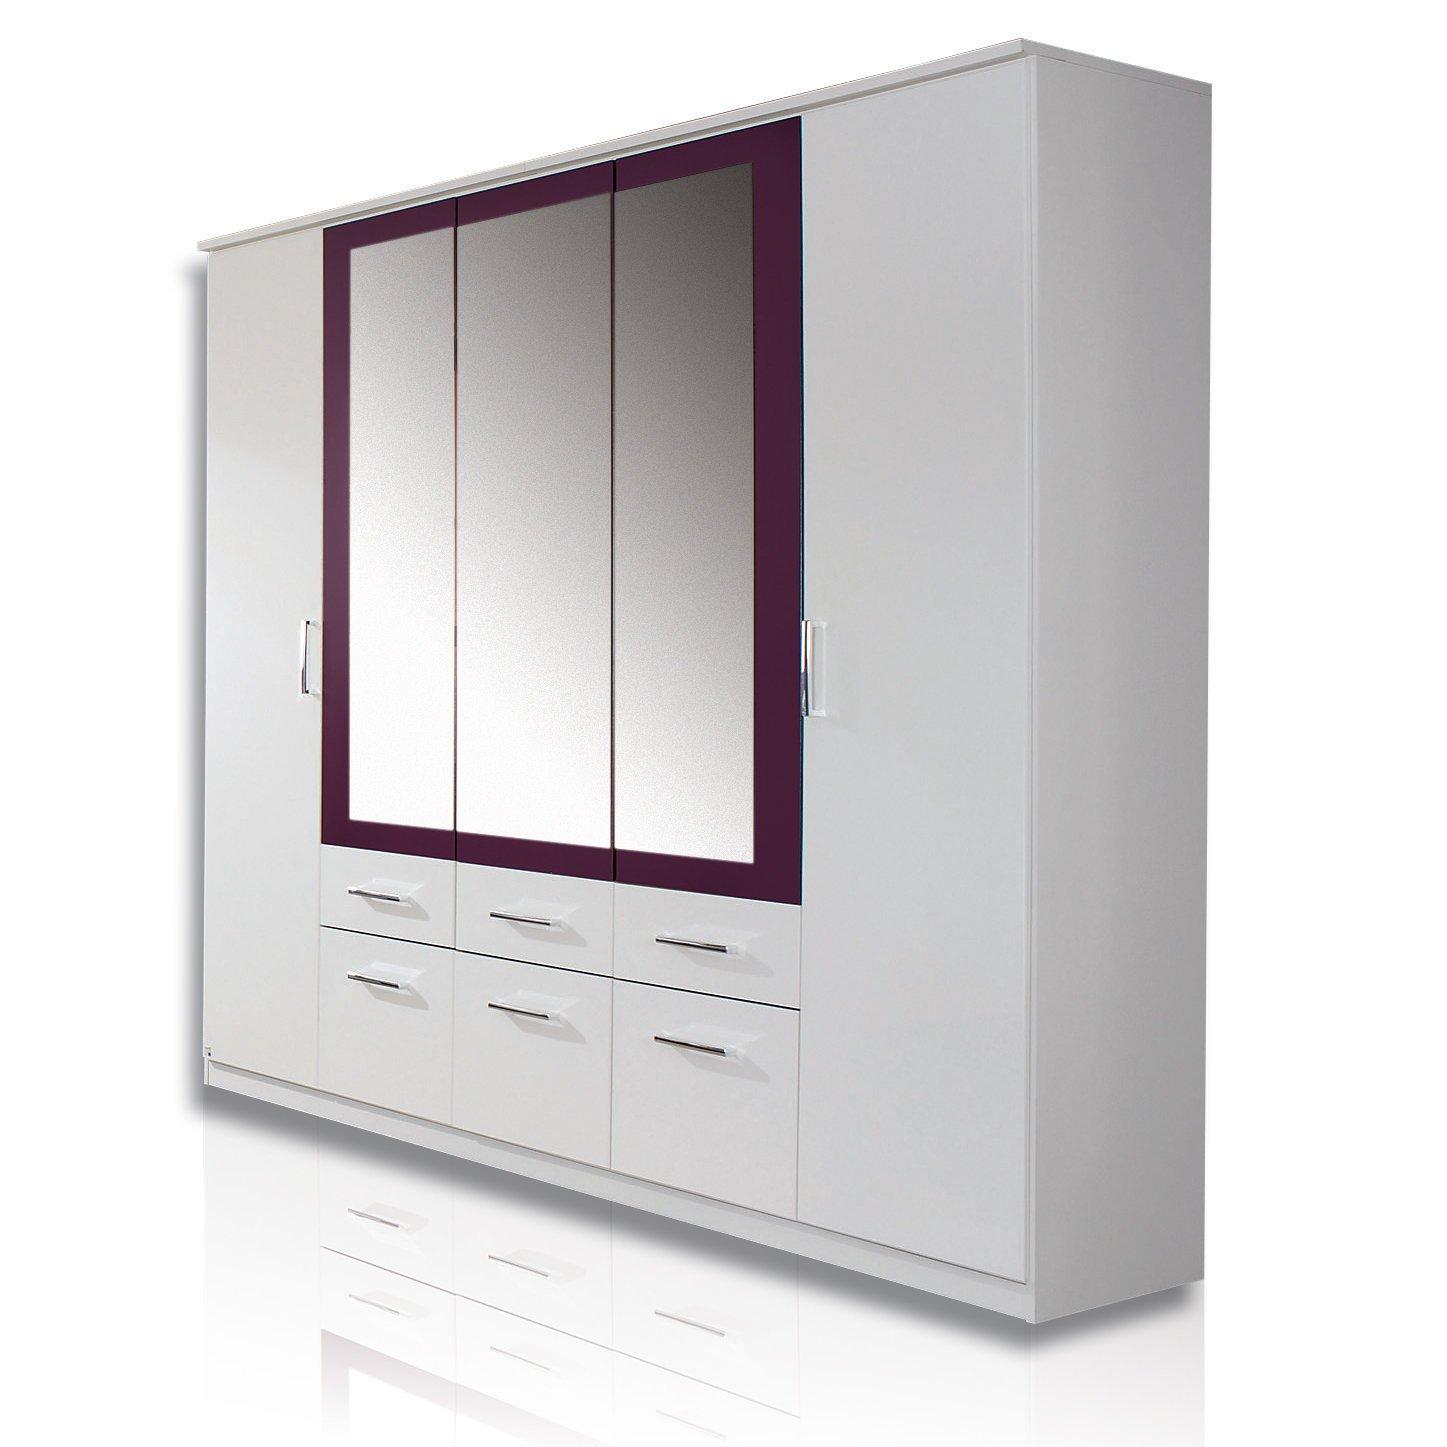 Kleiderschrank weiß mit spiegel  Rauch Schlafzimmerschrank Kleiderschrank Weiß Alpin 5-türig mit ...